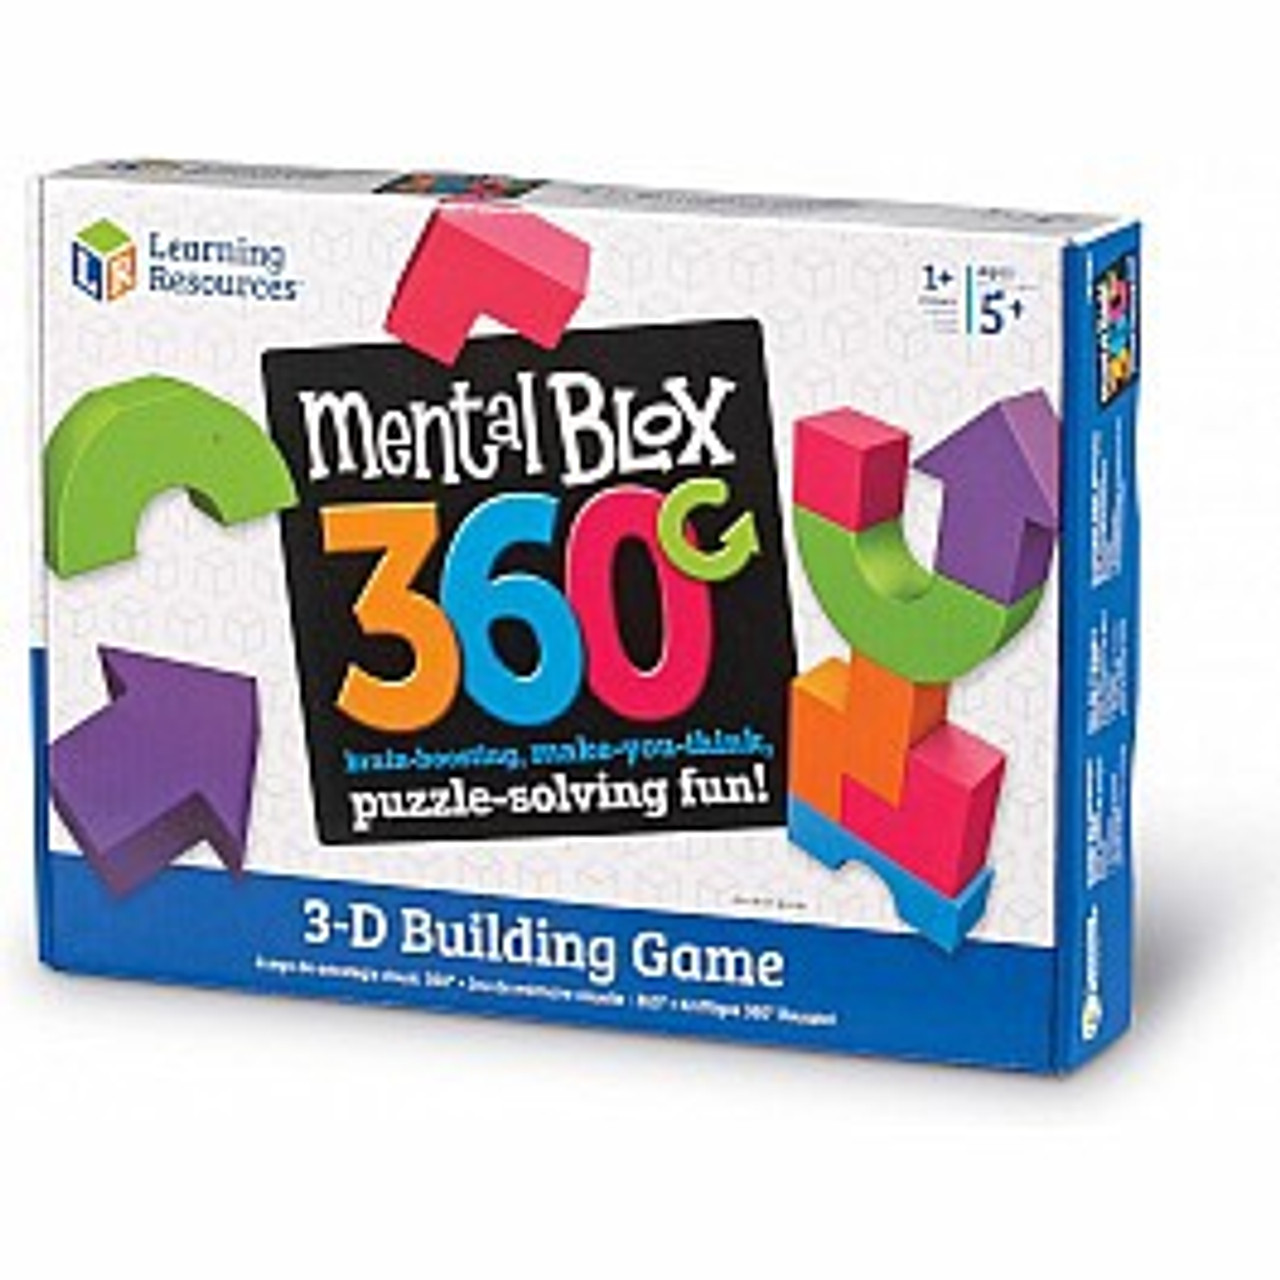 MENTAL BLOX 360C 3-D BUILDING